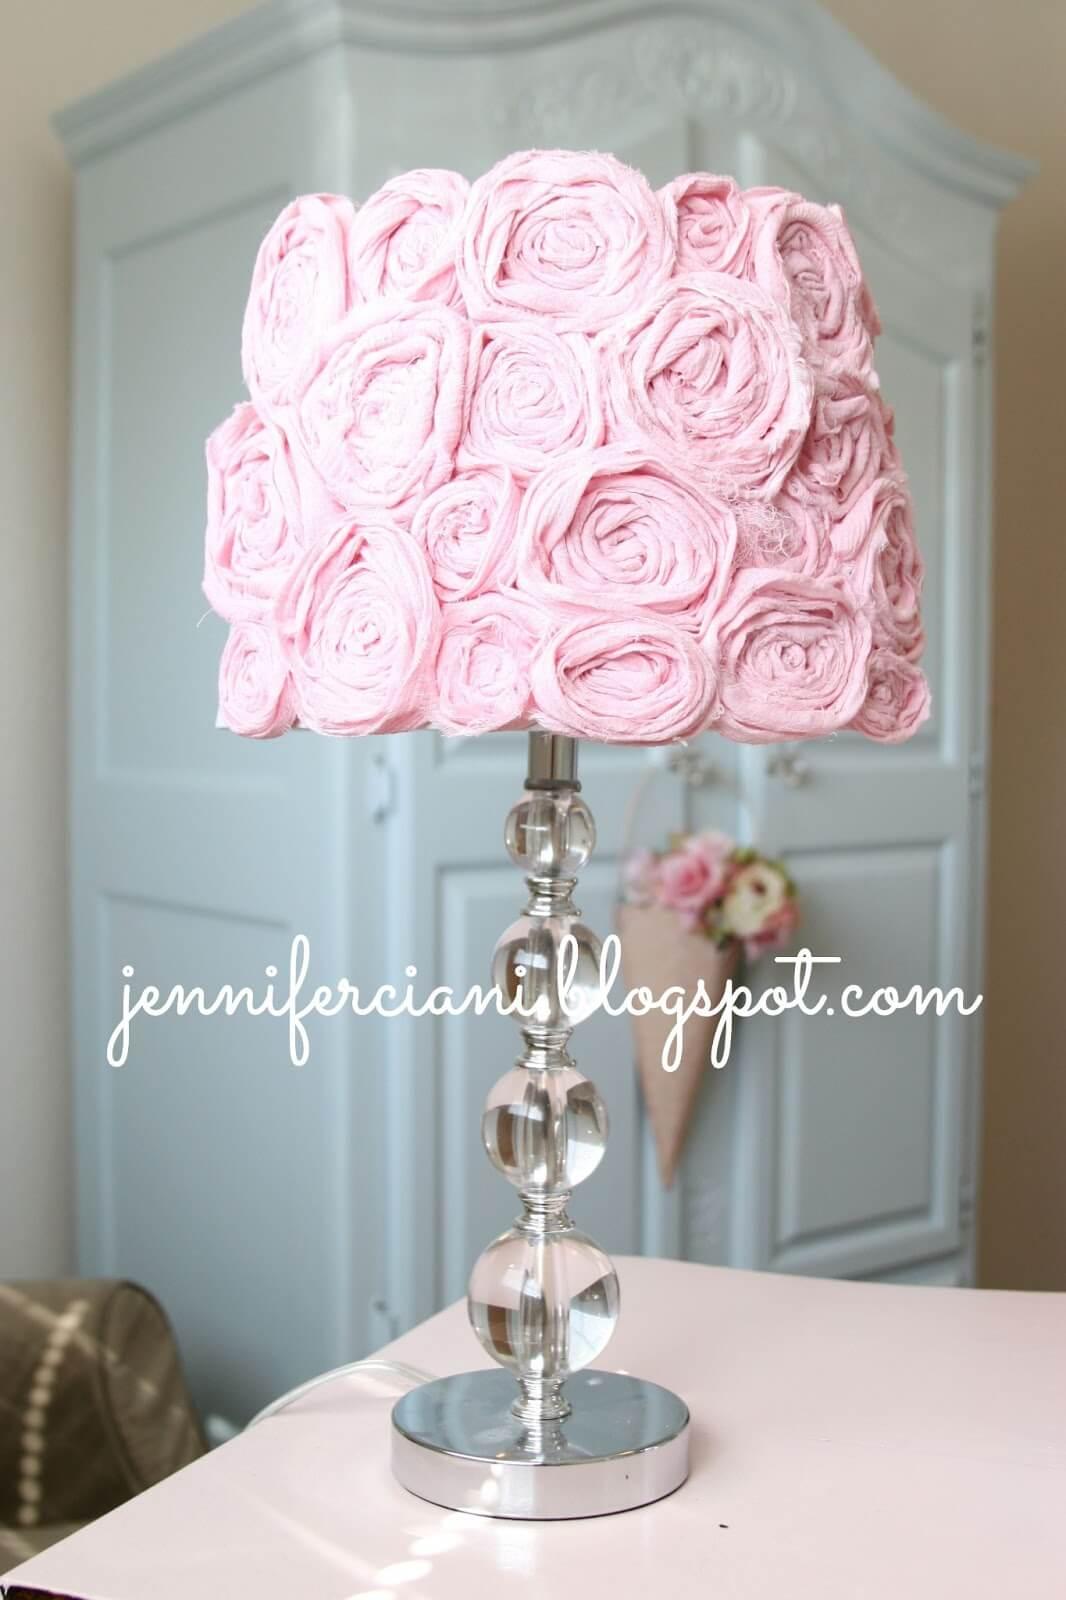 Joli abat-jour rose avec rosaces